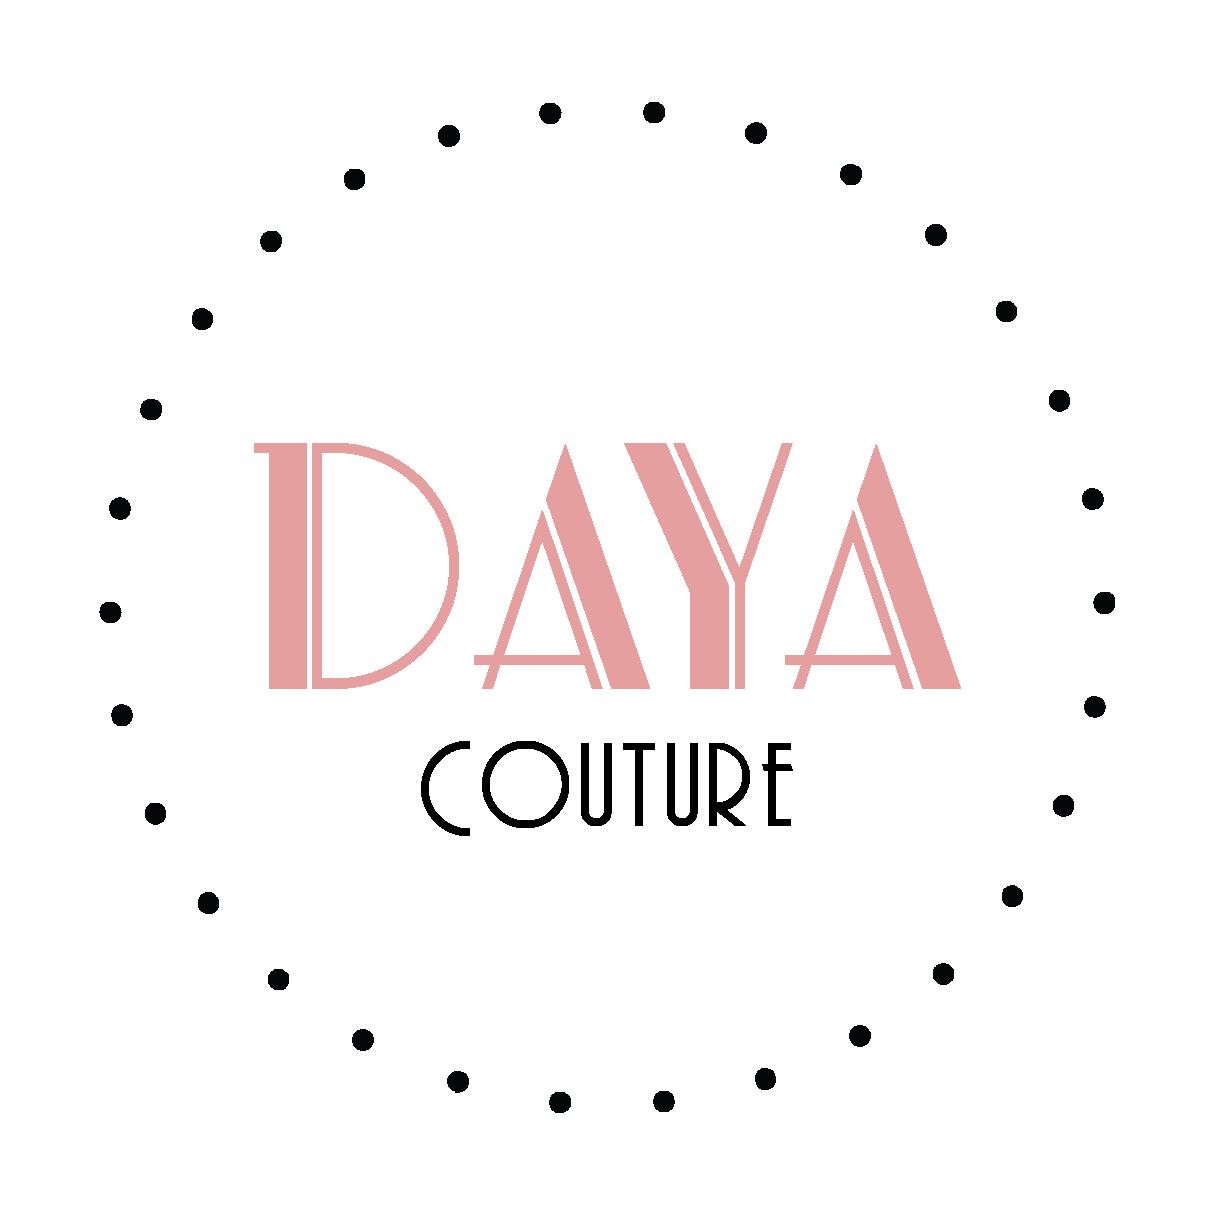 Daya logo pink on white background-12.png